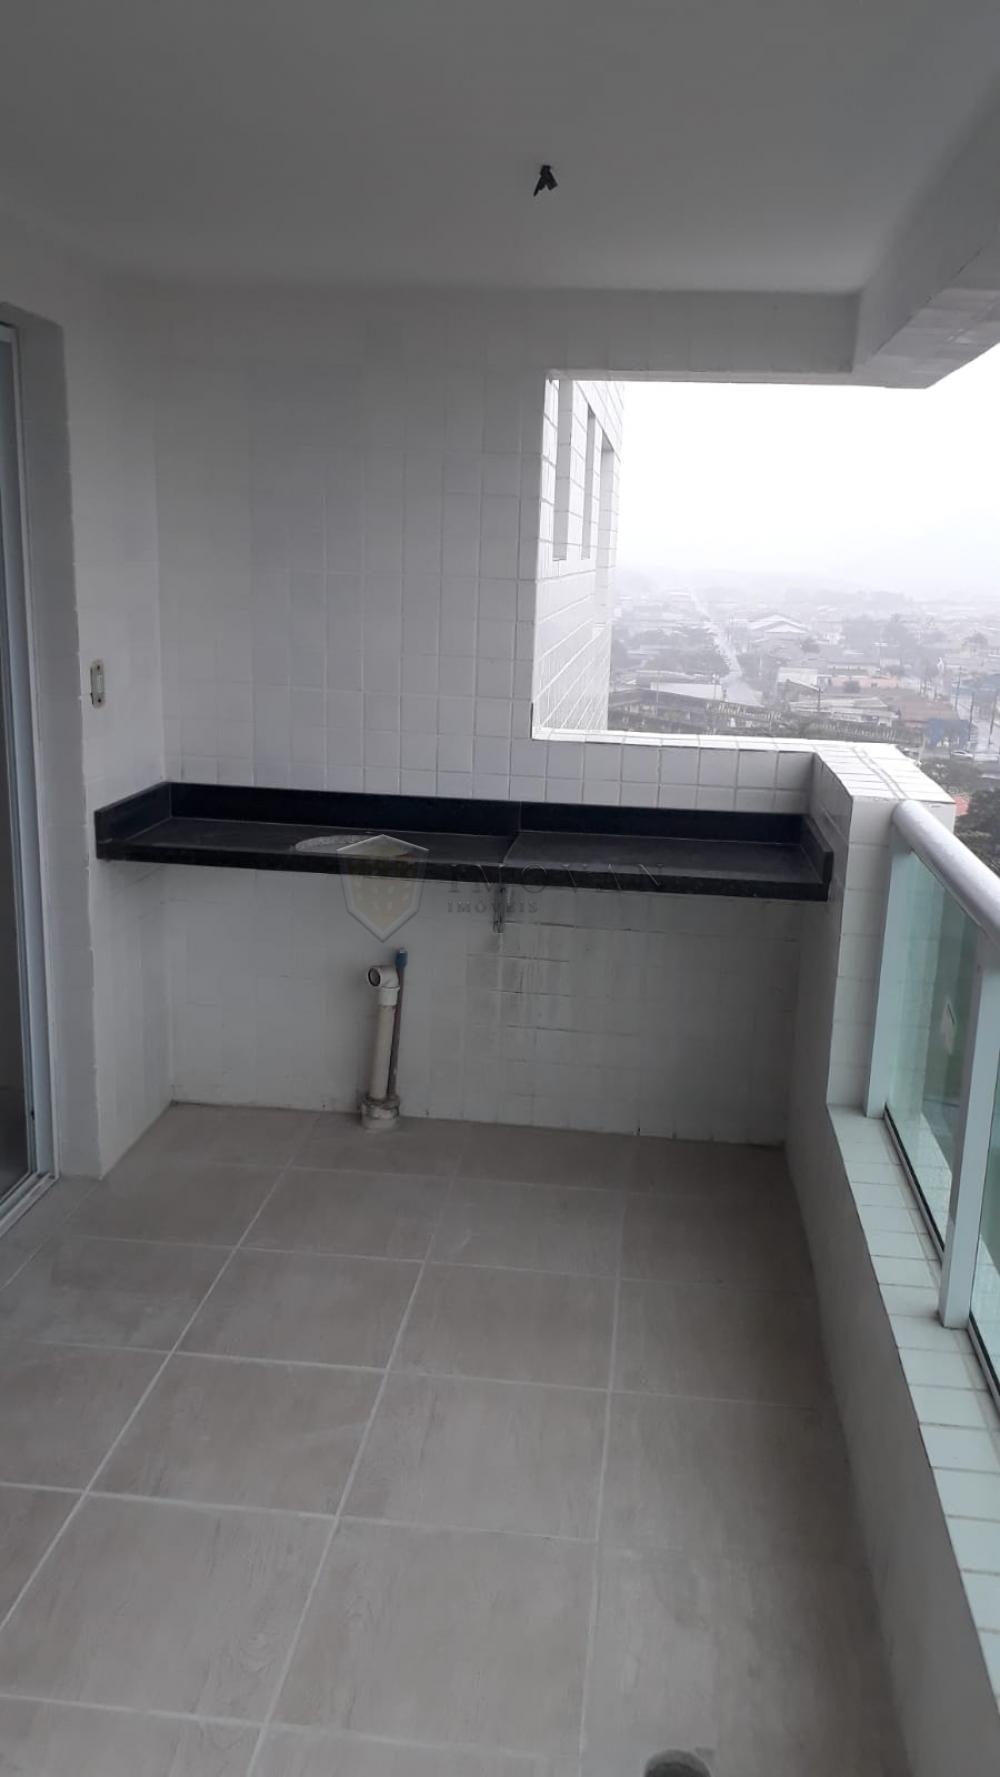 Comprar Apartamento / Padrão em Mongaguá R$ 300.000,00 - Foto 5